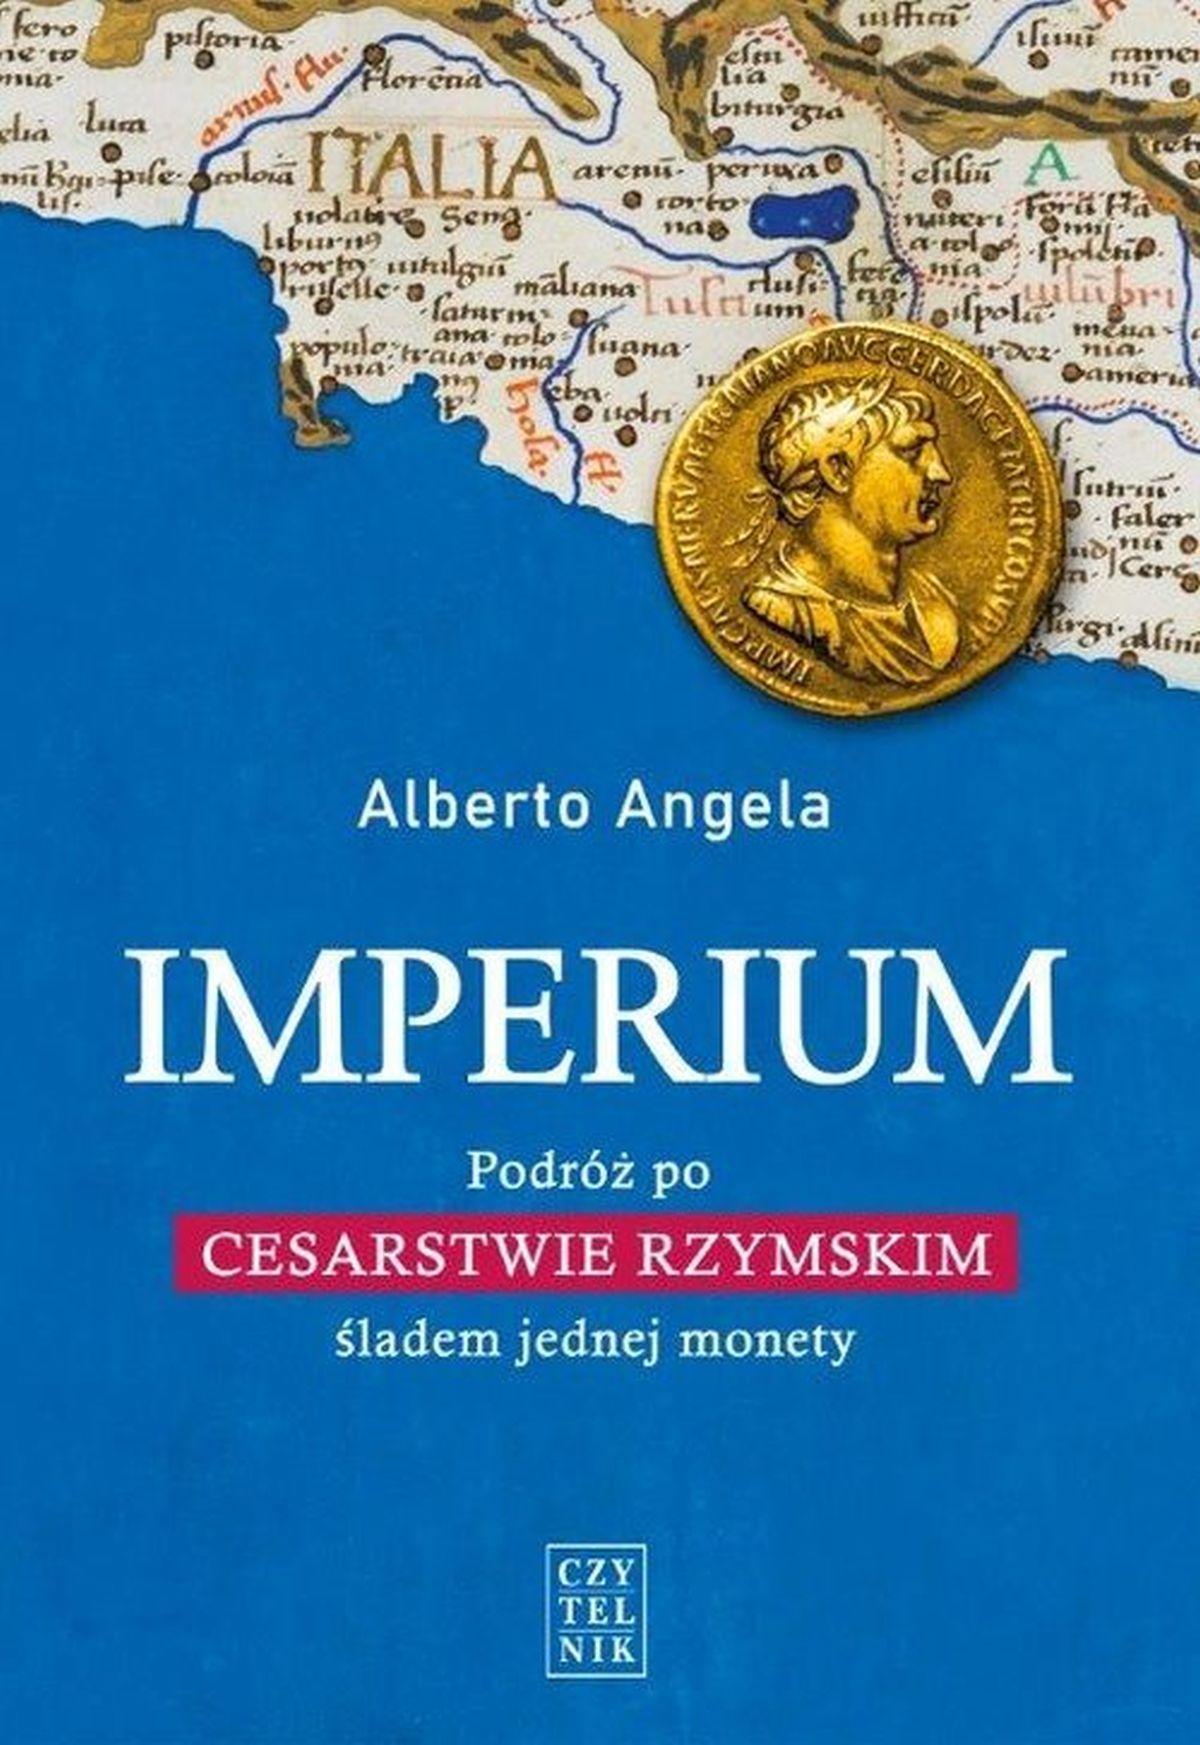 Alberto Angela, Imperium. Podróż po Cesarstwie Rzymskim śladem jednej monety